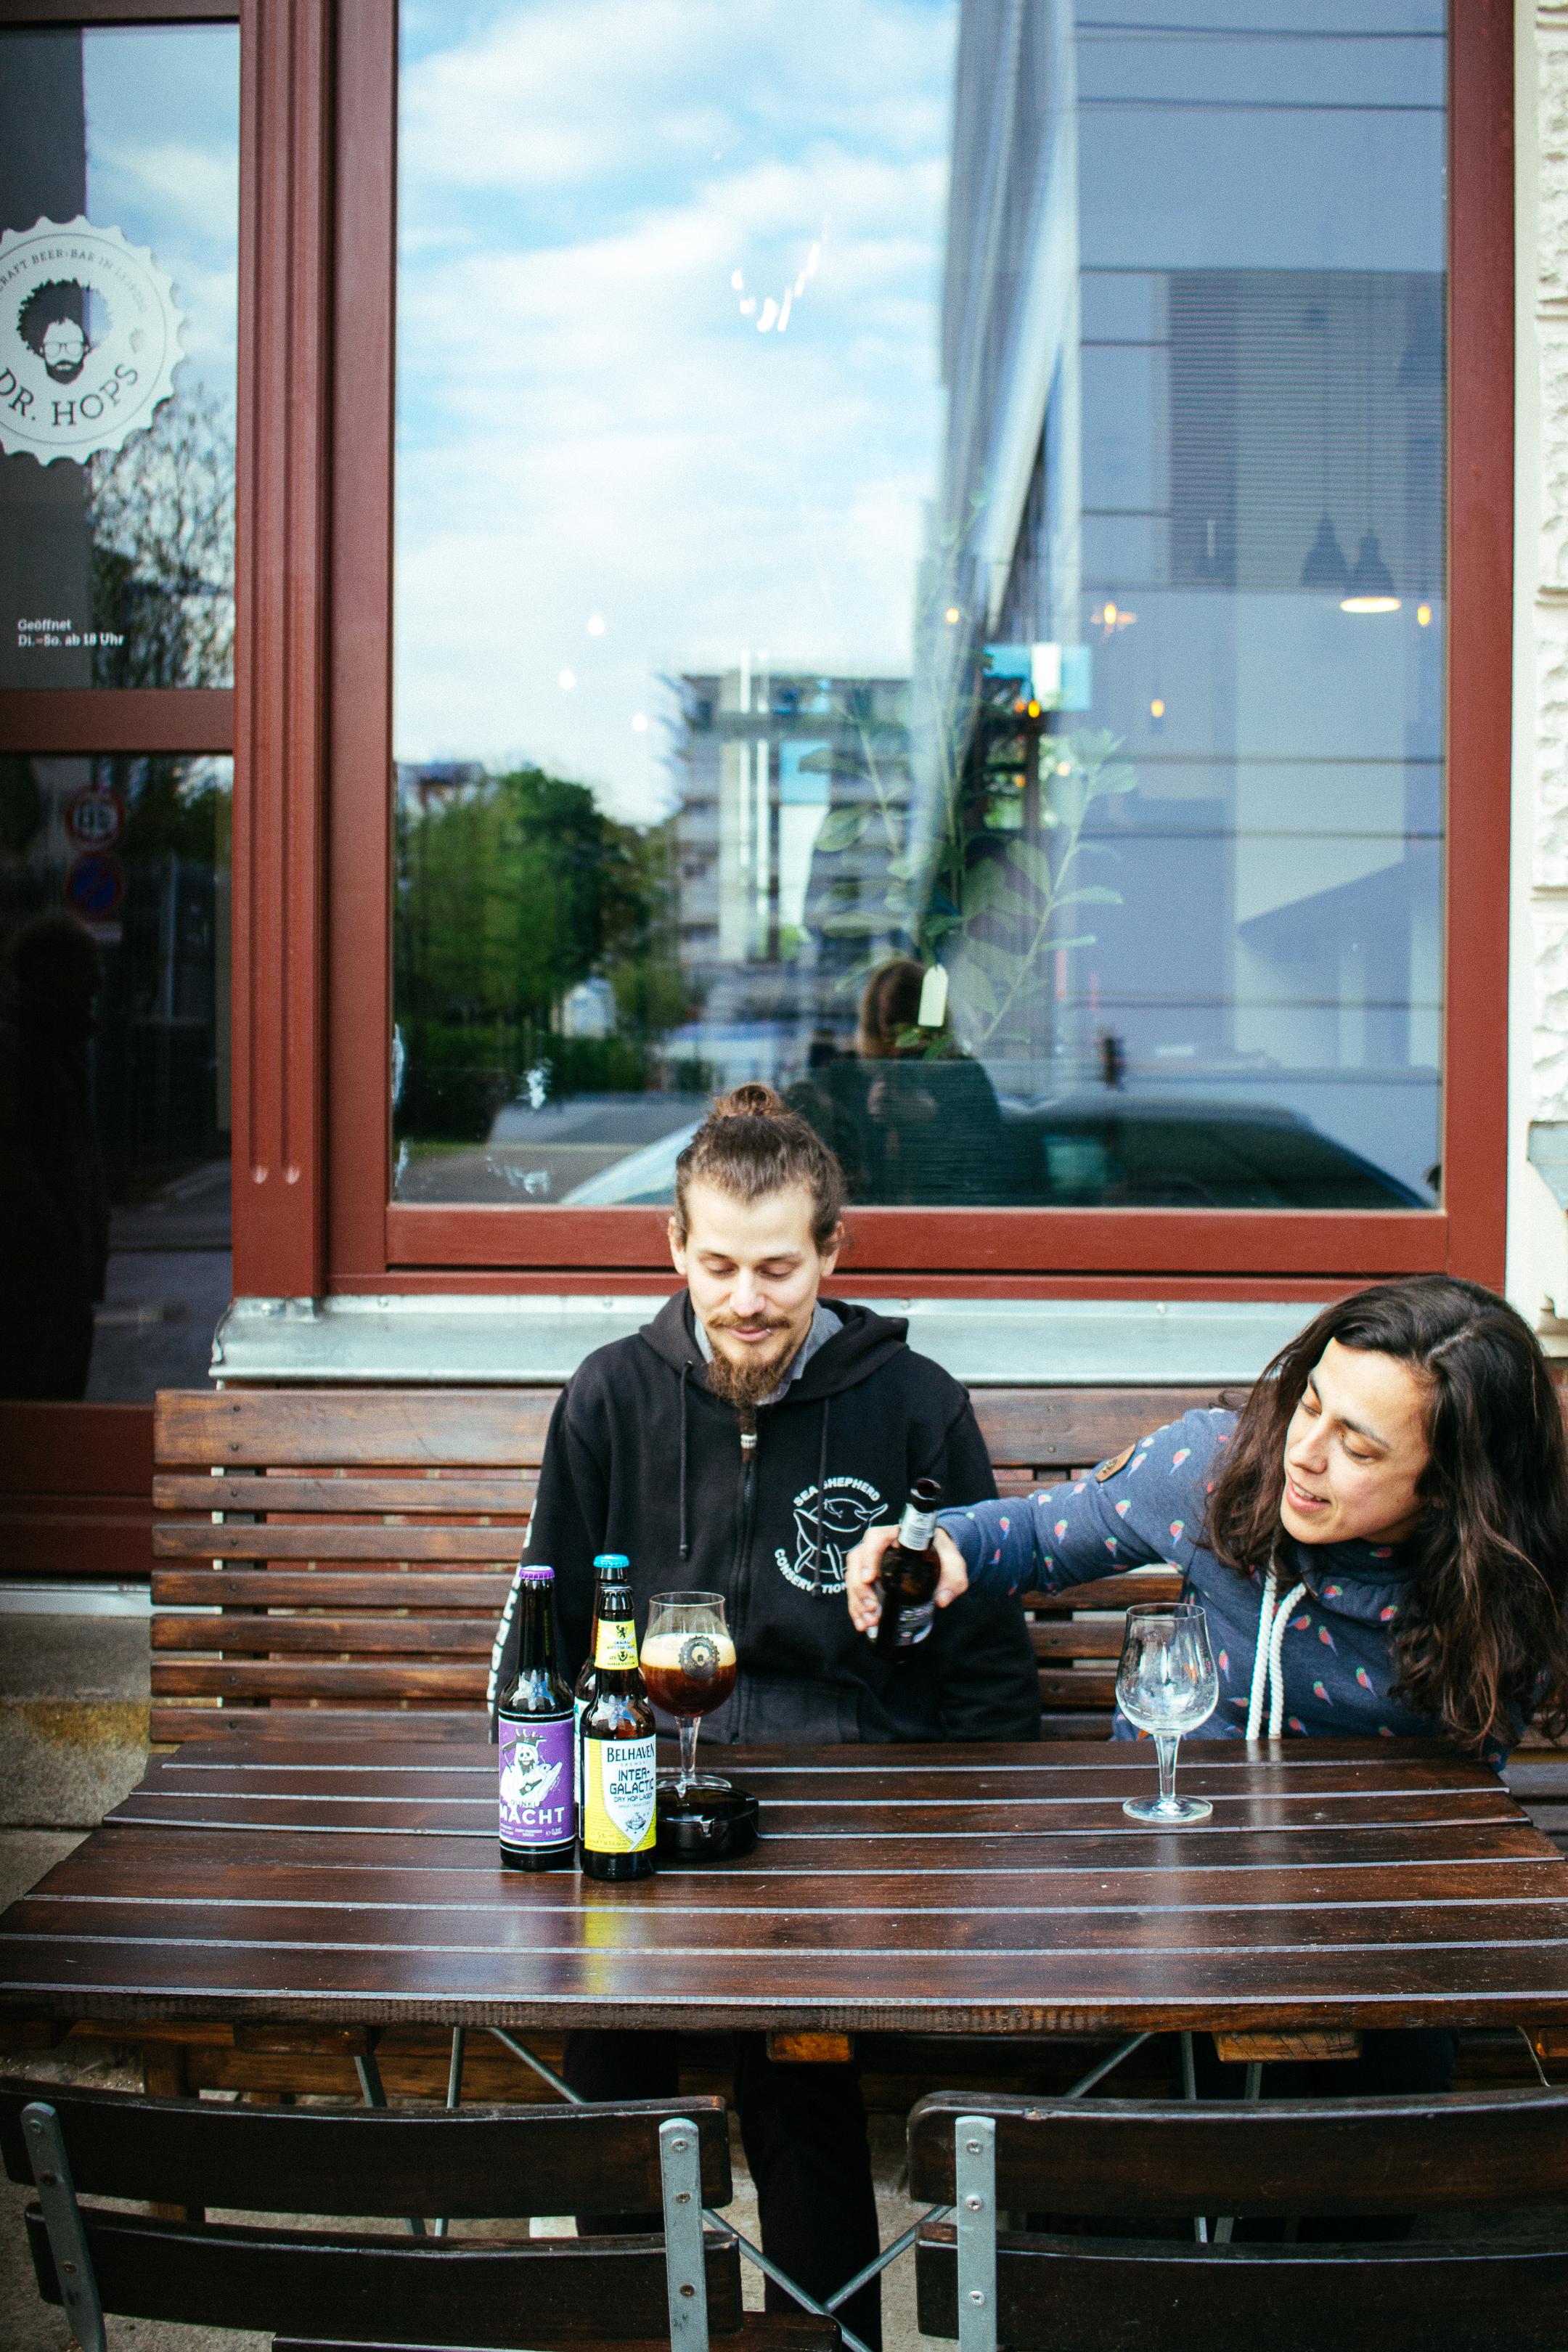 dr.hops_craft beer bar_leipzig_annabelle sagt17